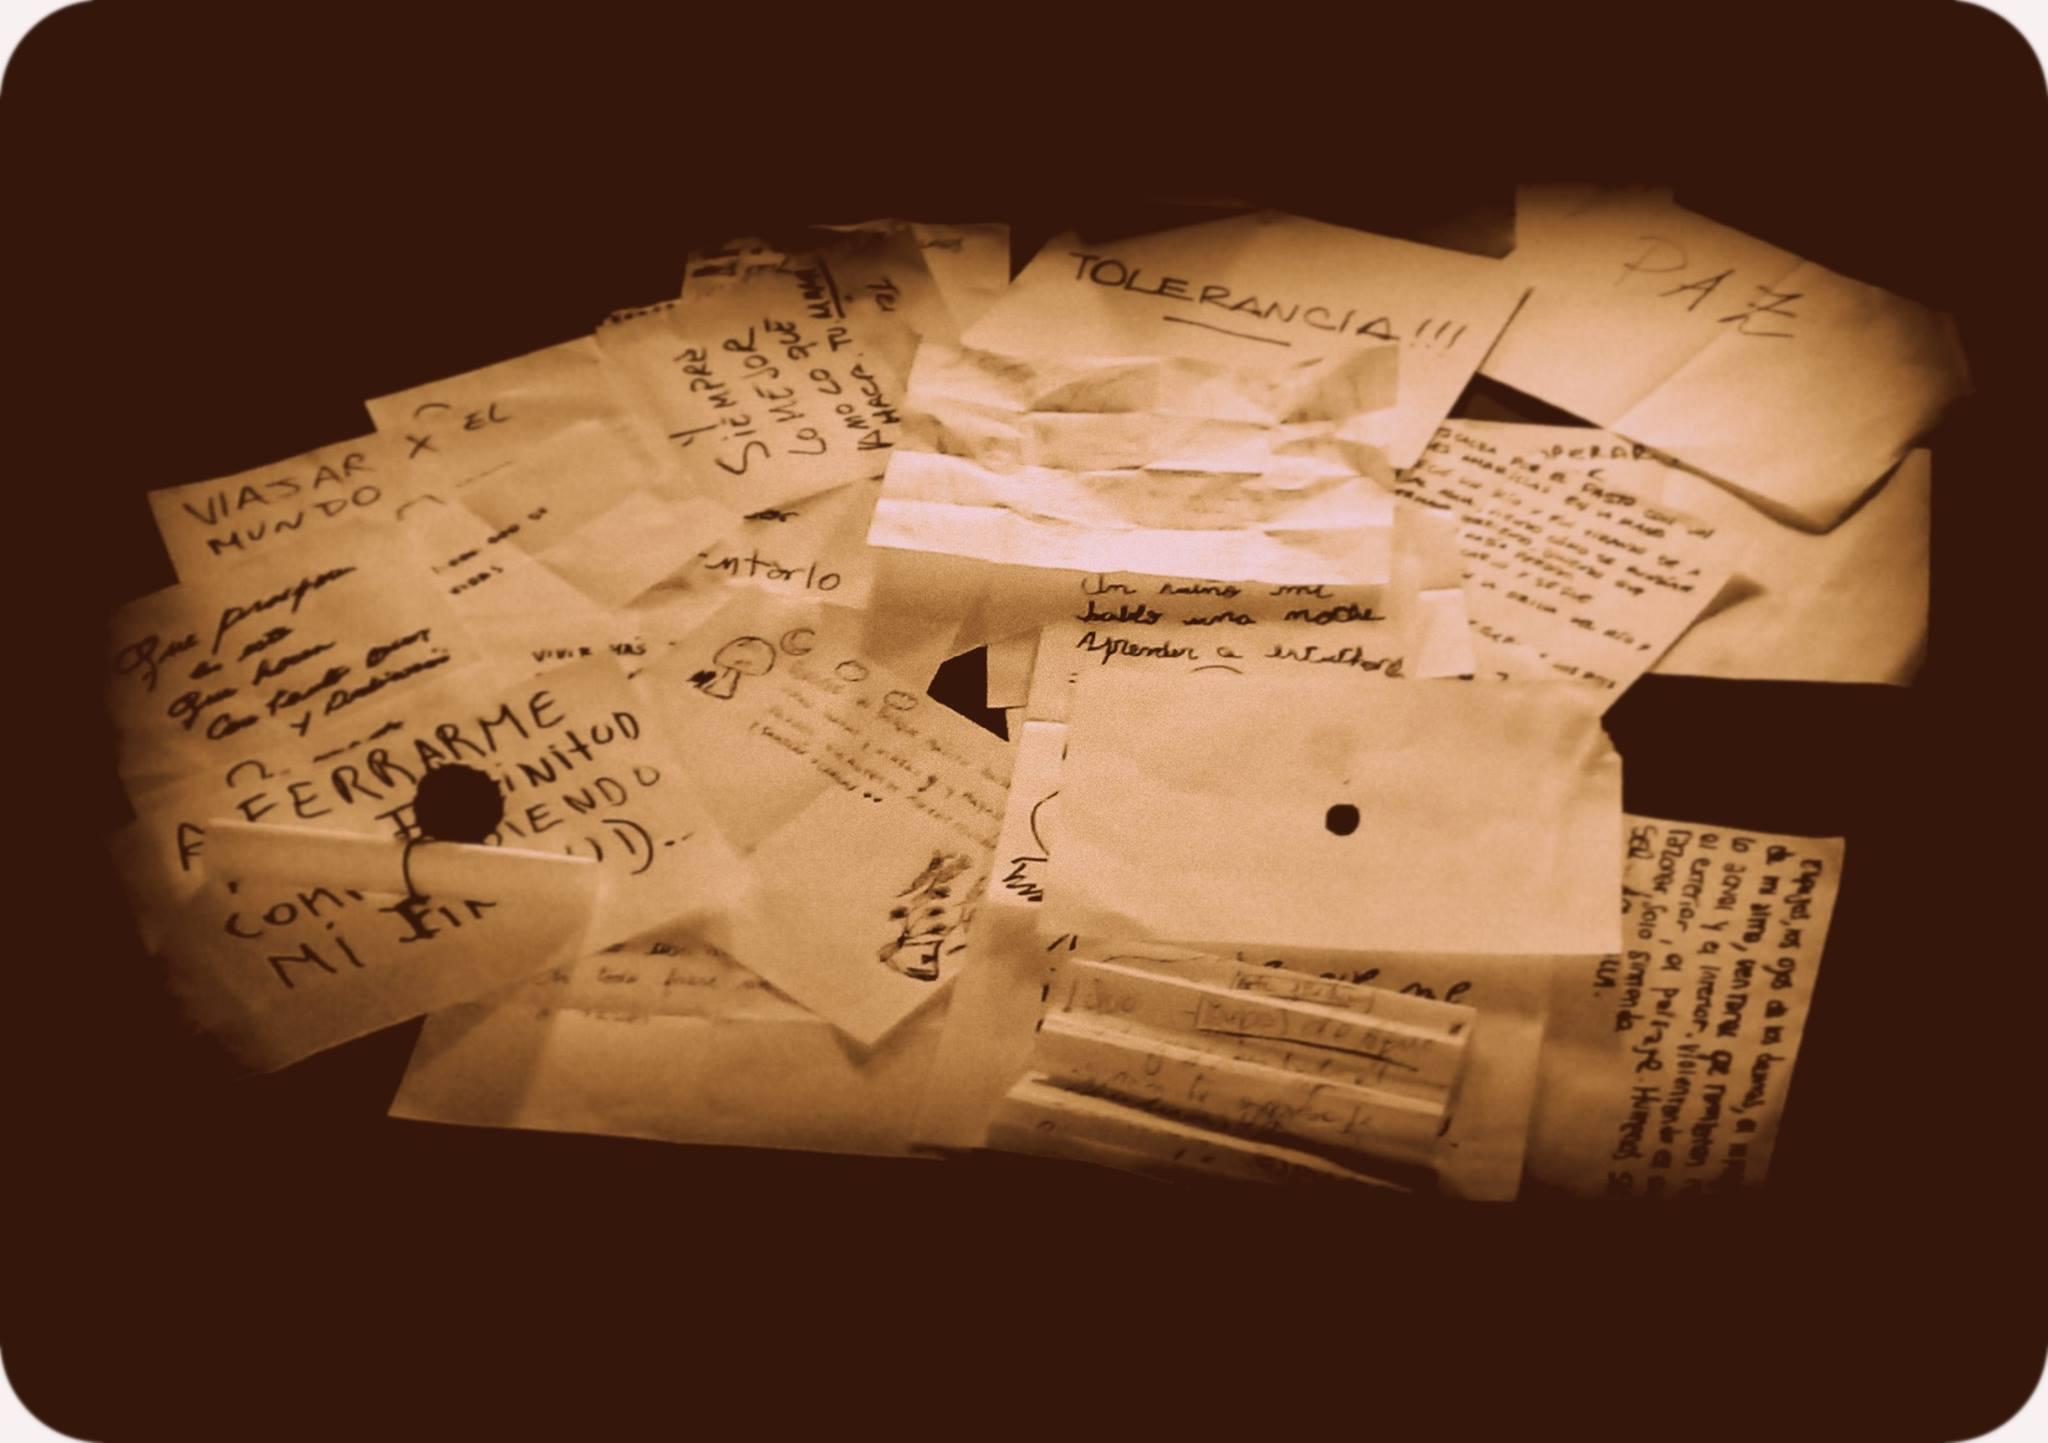 http://medicinayarte.com/img/collage_Registro.%20Escritura_de%20Suenos2.jpg